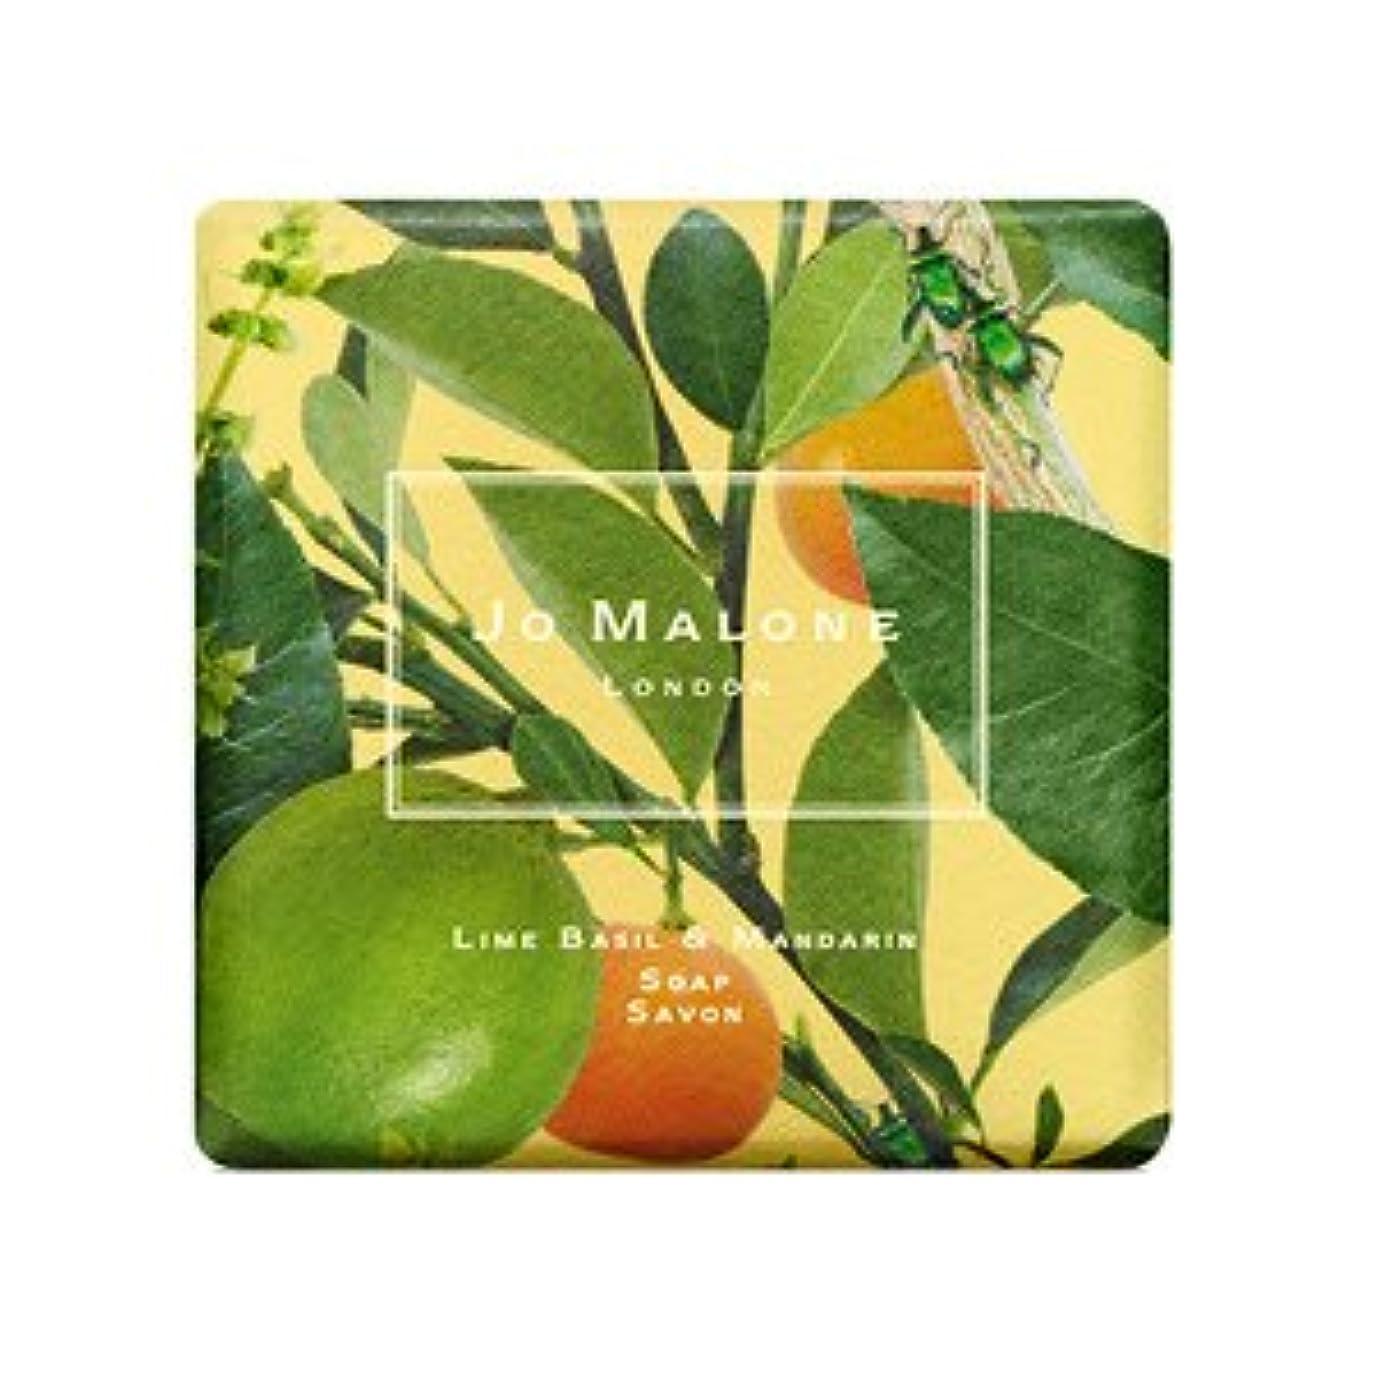 慢な食事を調理する過度にJO MALONE LONDON (ジョー マローン ロンドン) ライム バジル & マンダリン ソープ